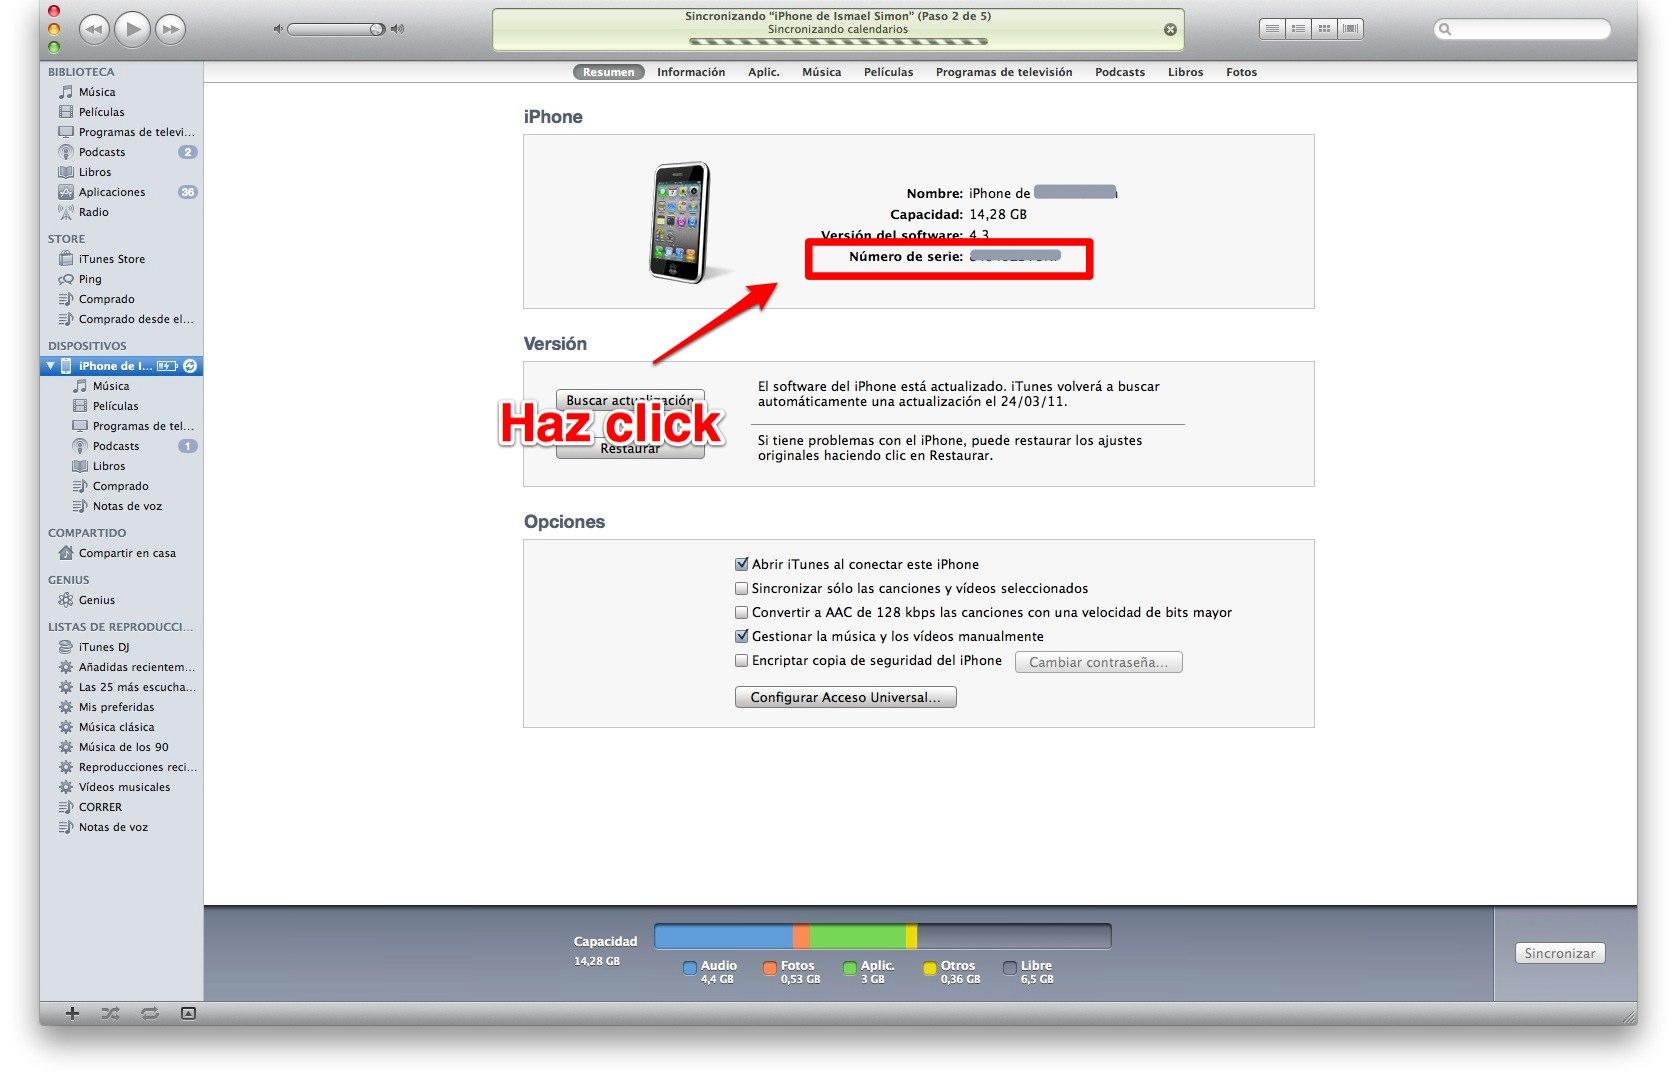 [Image: Captura-de-pantalla-2011-03-21-a-las-08.12.15.jpg]